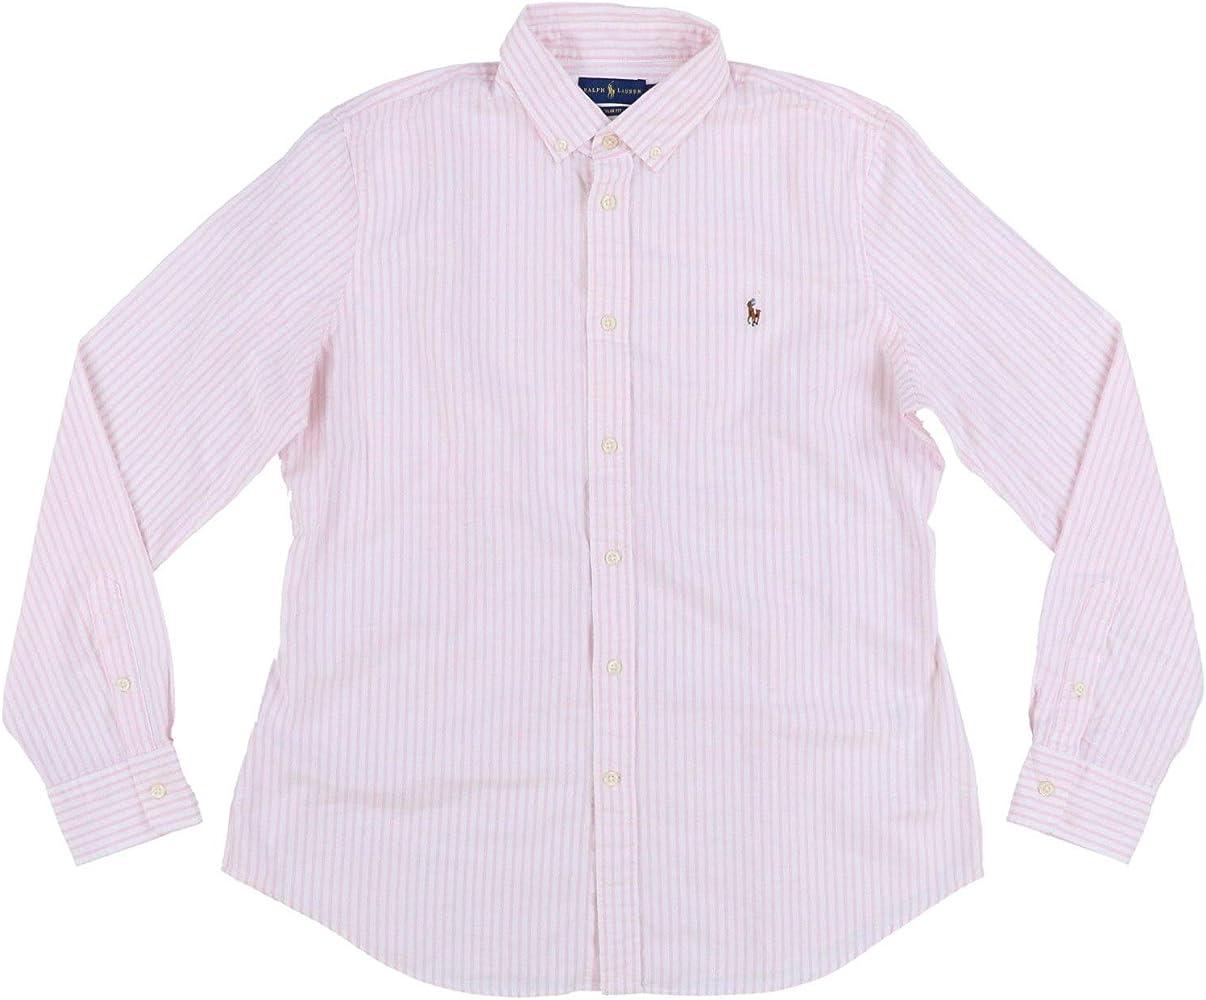 RALPH LAUREN Camisa Oxford de ajuste entallado para mujer - Rosa - X-Large: Amazon.es: Ropa y accesorios